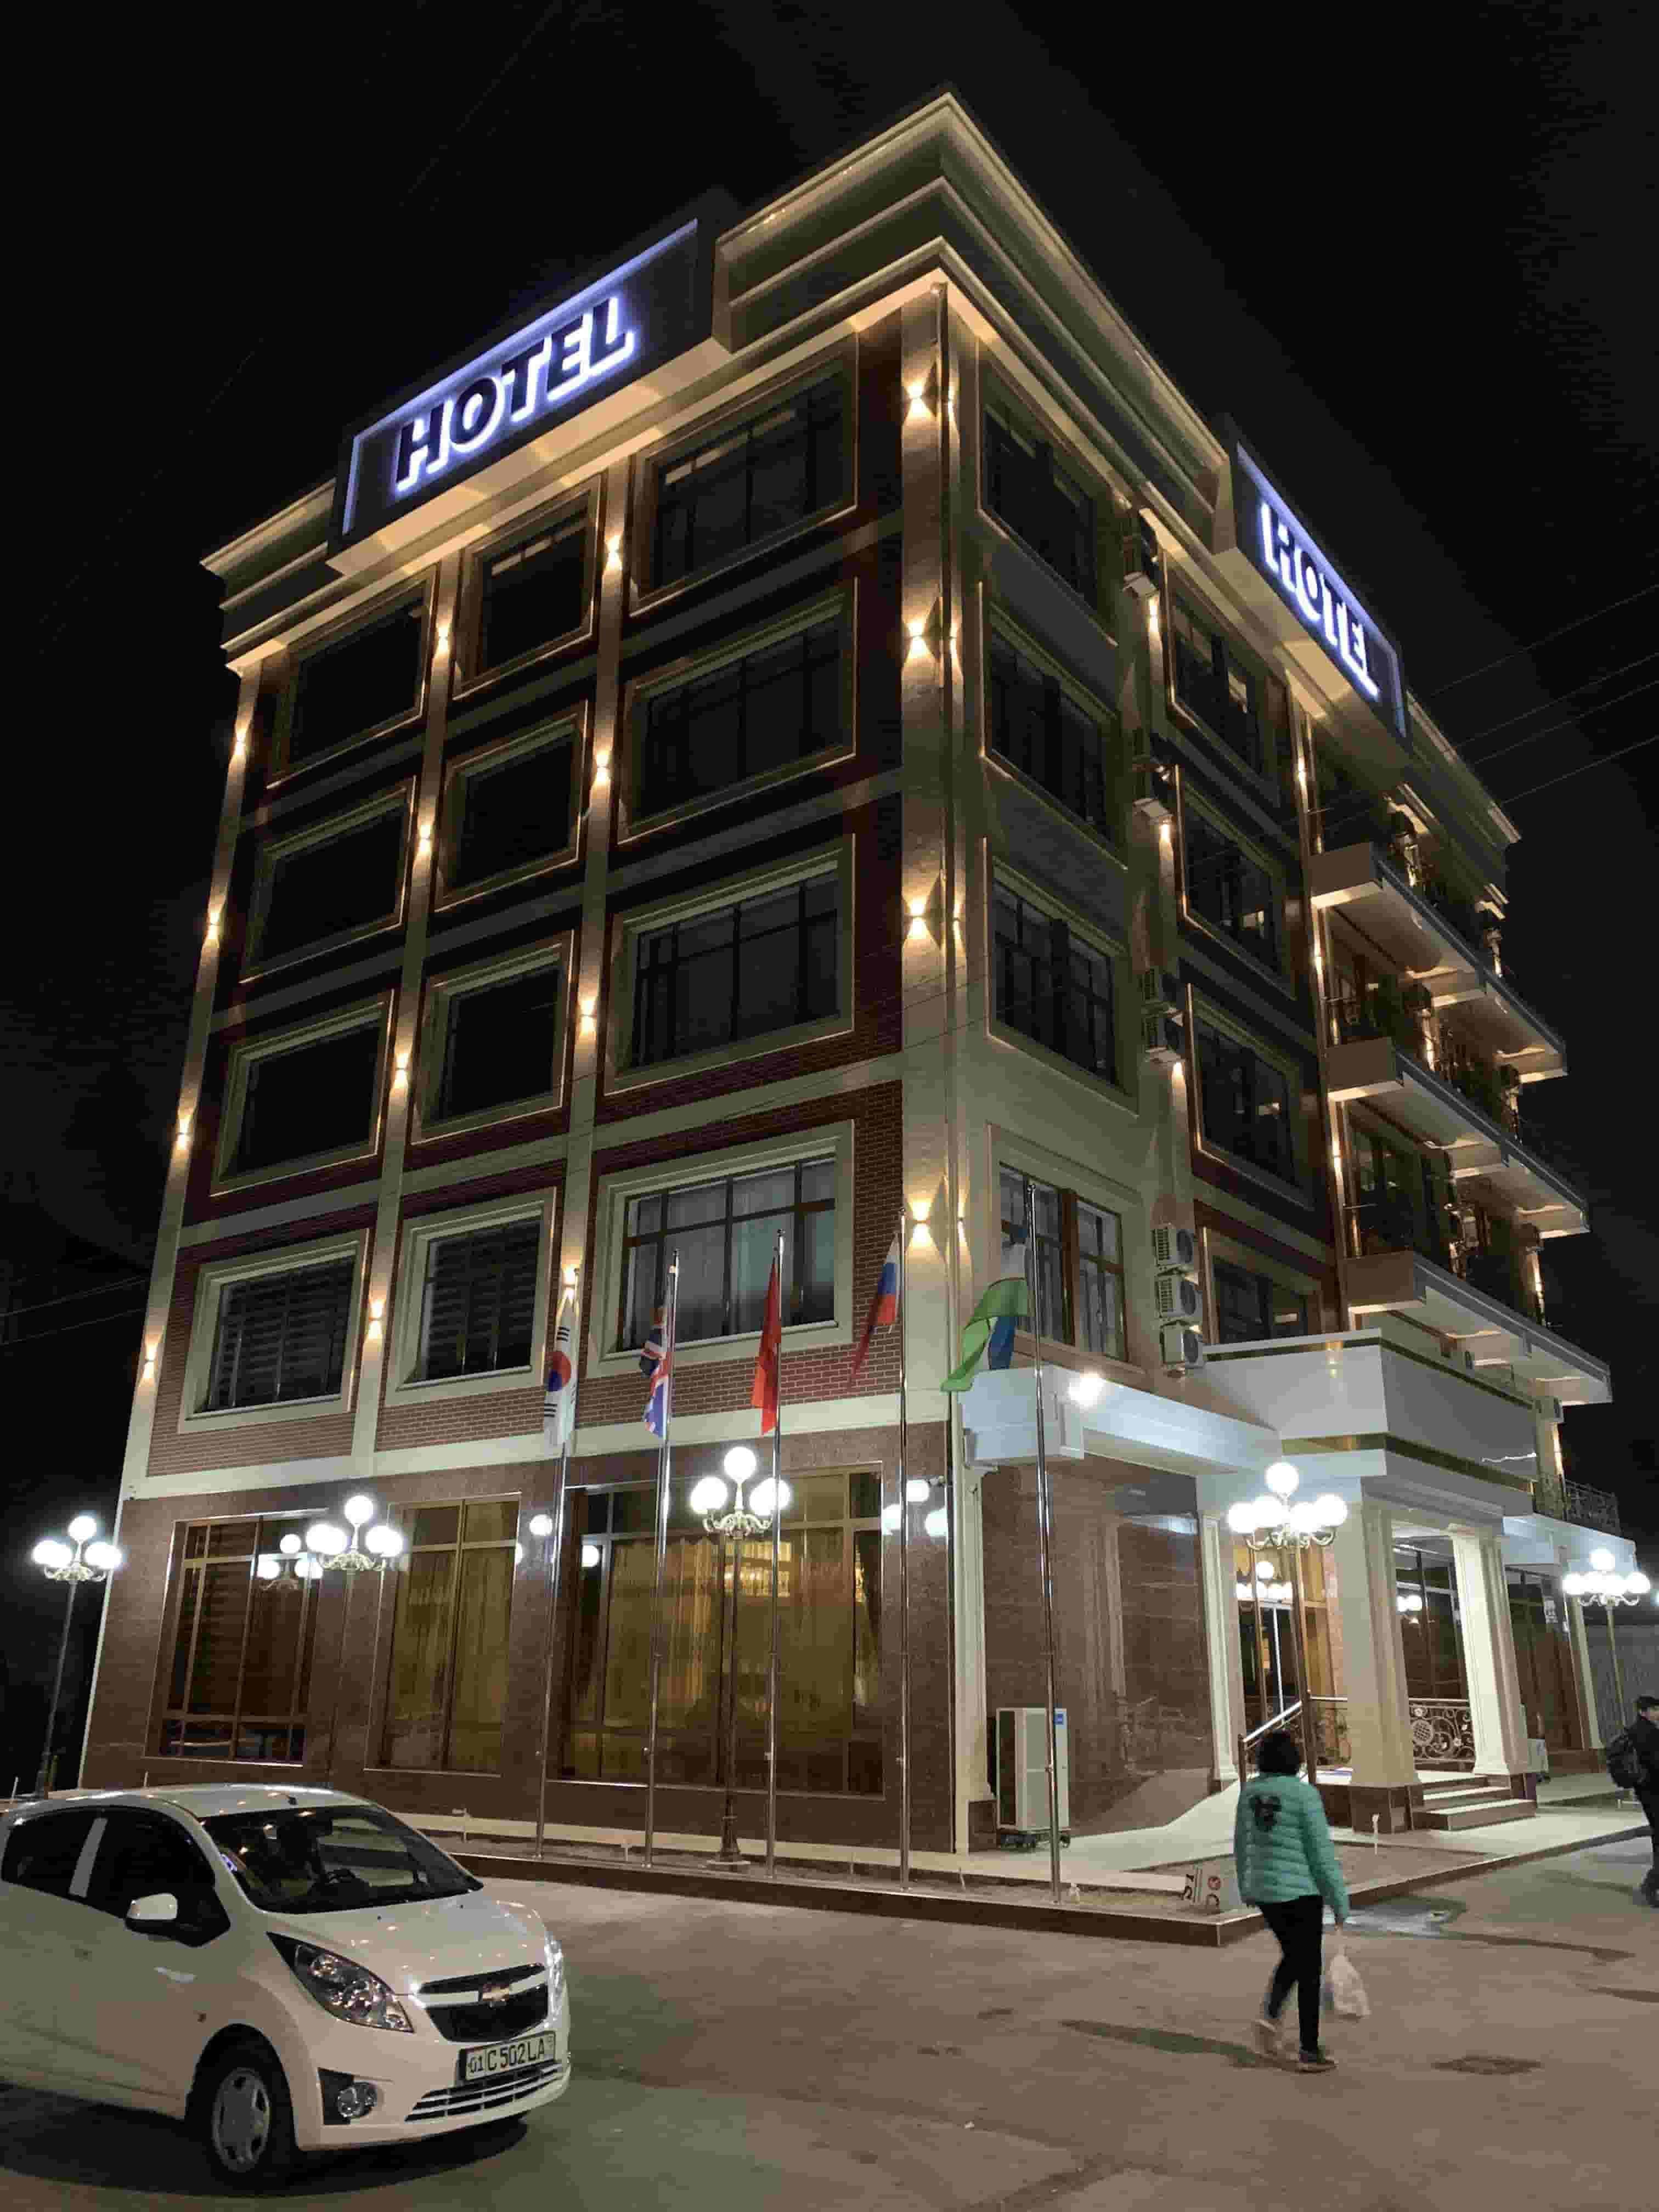 Ark Billur Hotel Tashkent Uzbekistan